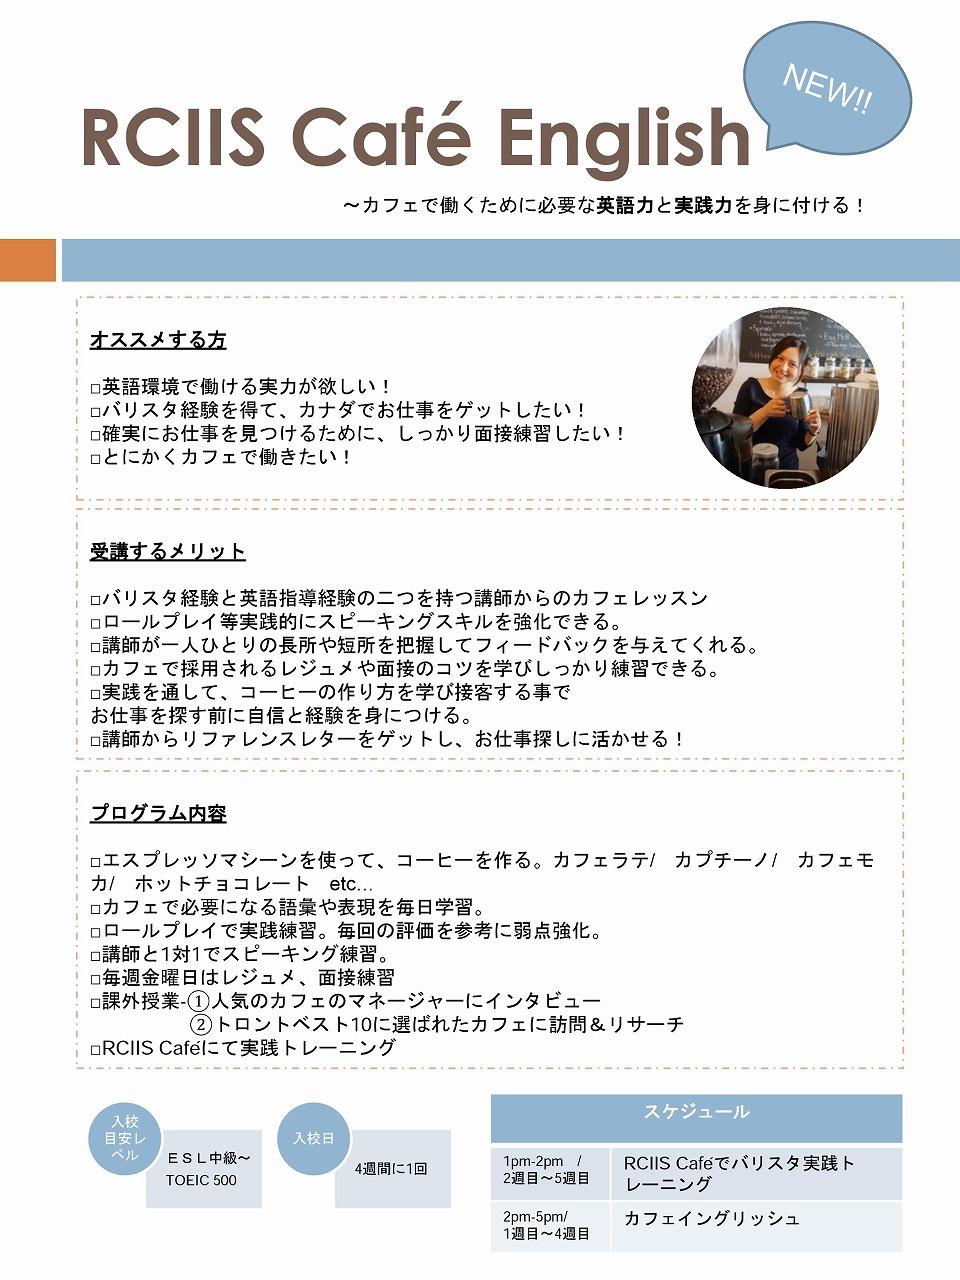 canada-ryugaku-toronto-esl-rciis-cafe-english-1